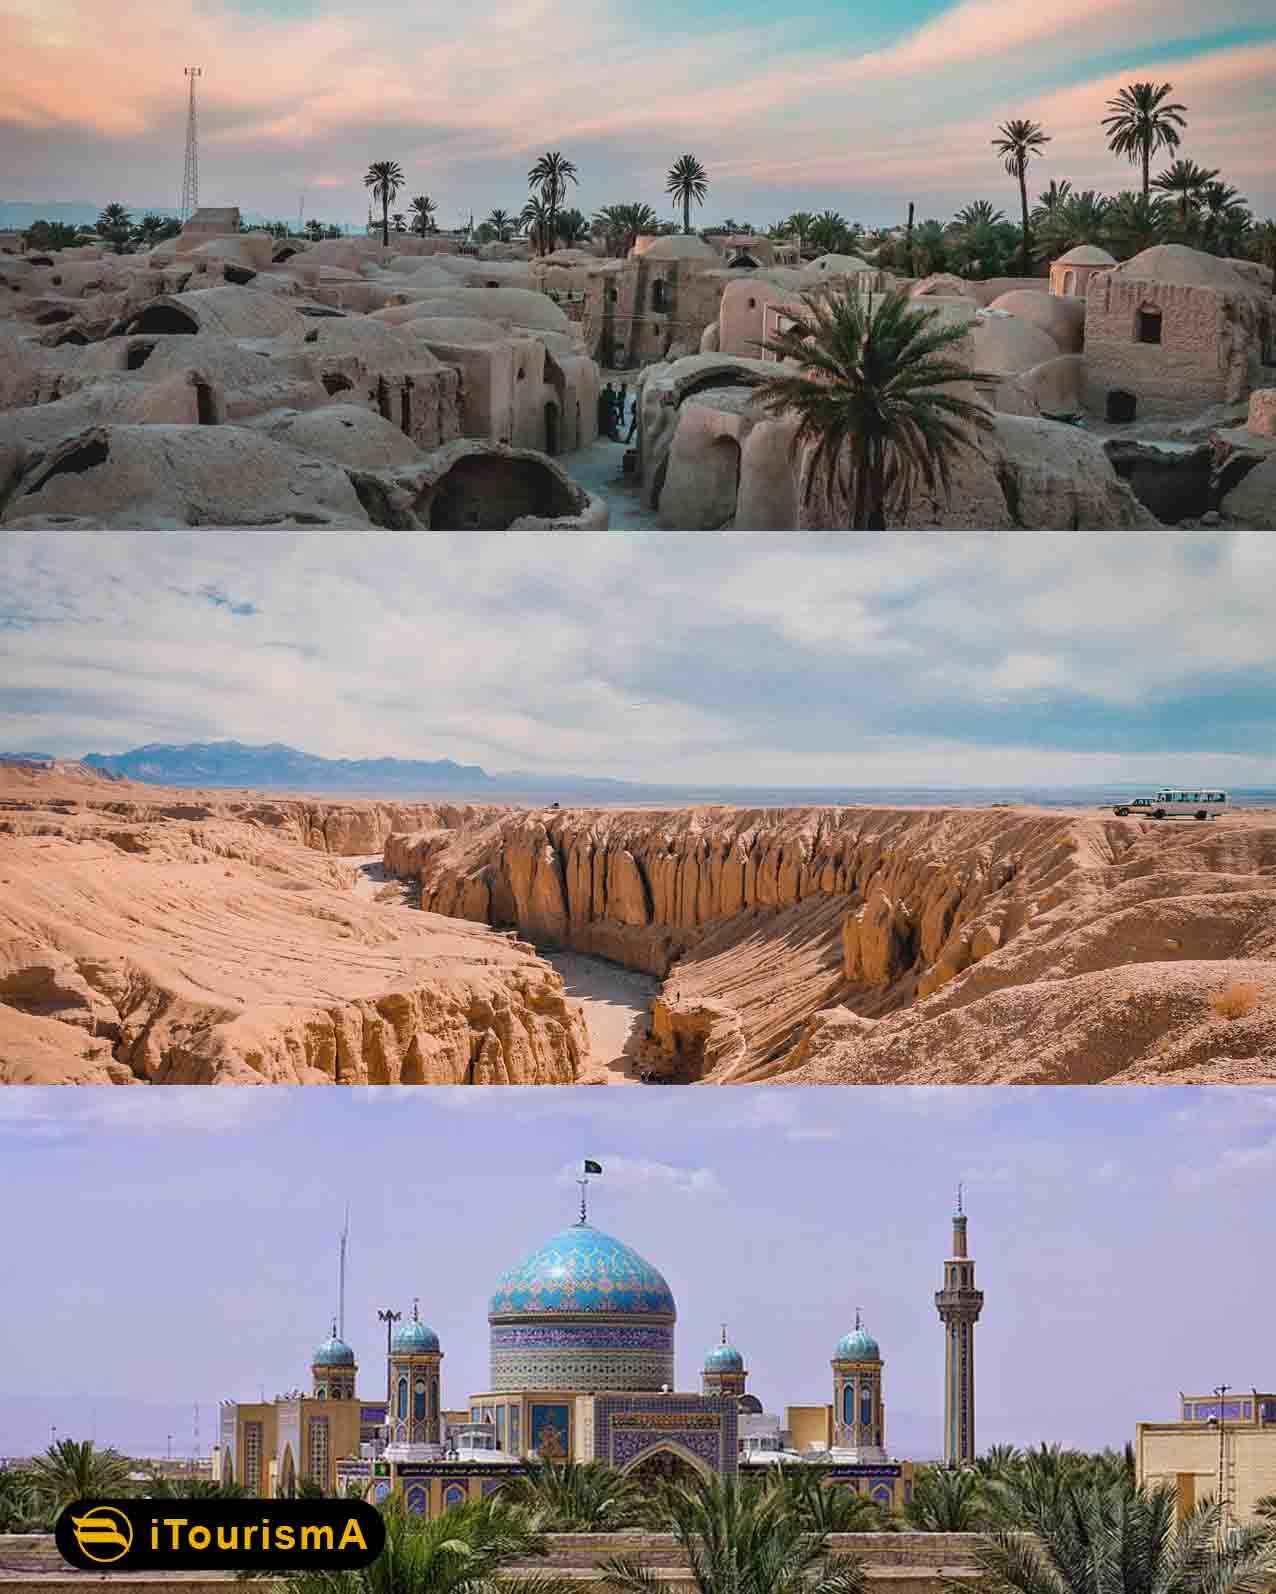 شهرستان طبس که در استان خراسان جنوبی